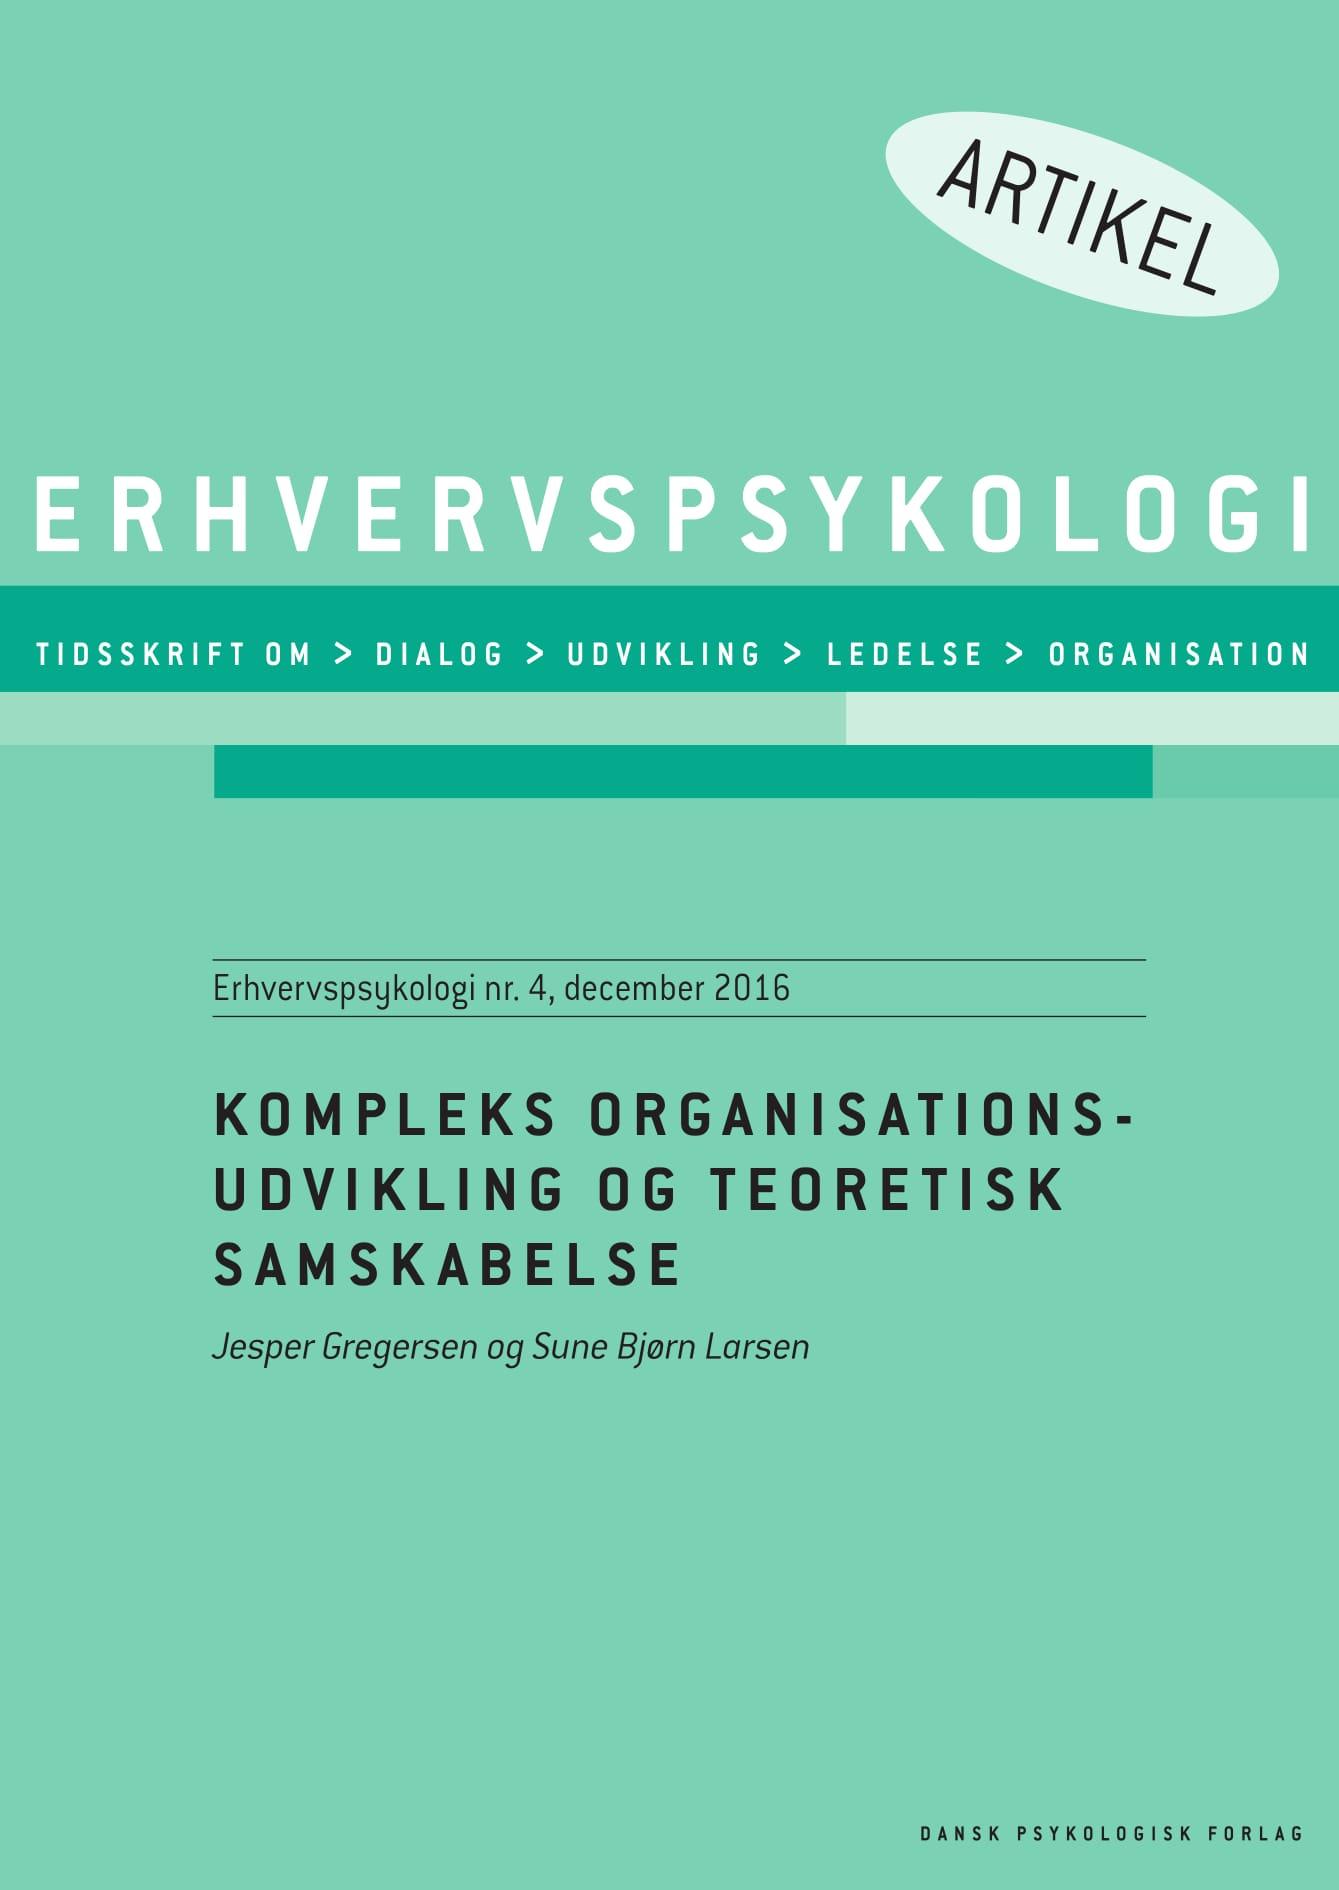 N/A Kompleks organisationsudvikling og teoretisk samskabelse - e-bog fra bog & mystik